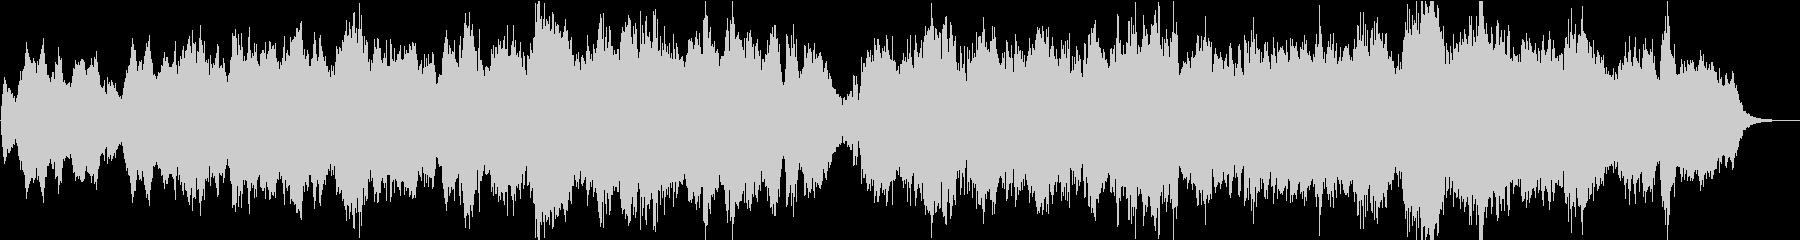 ピアチェールダモール/愛を演出するBGMの未再生の波形